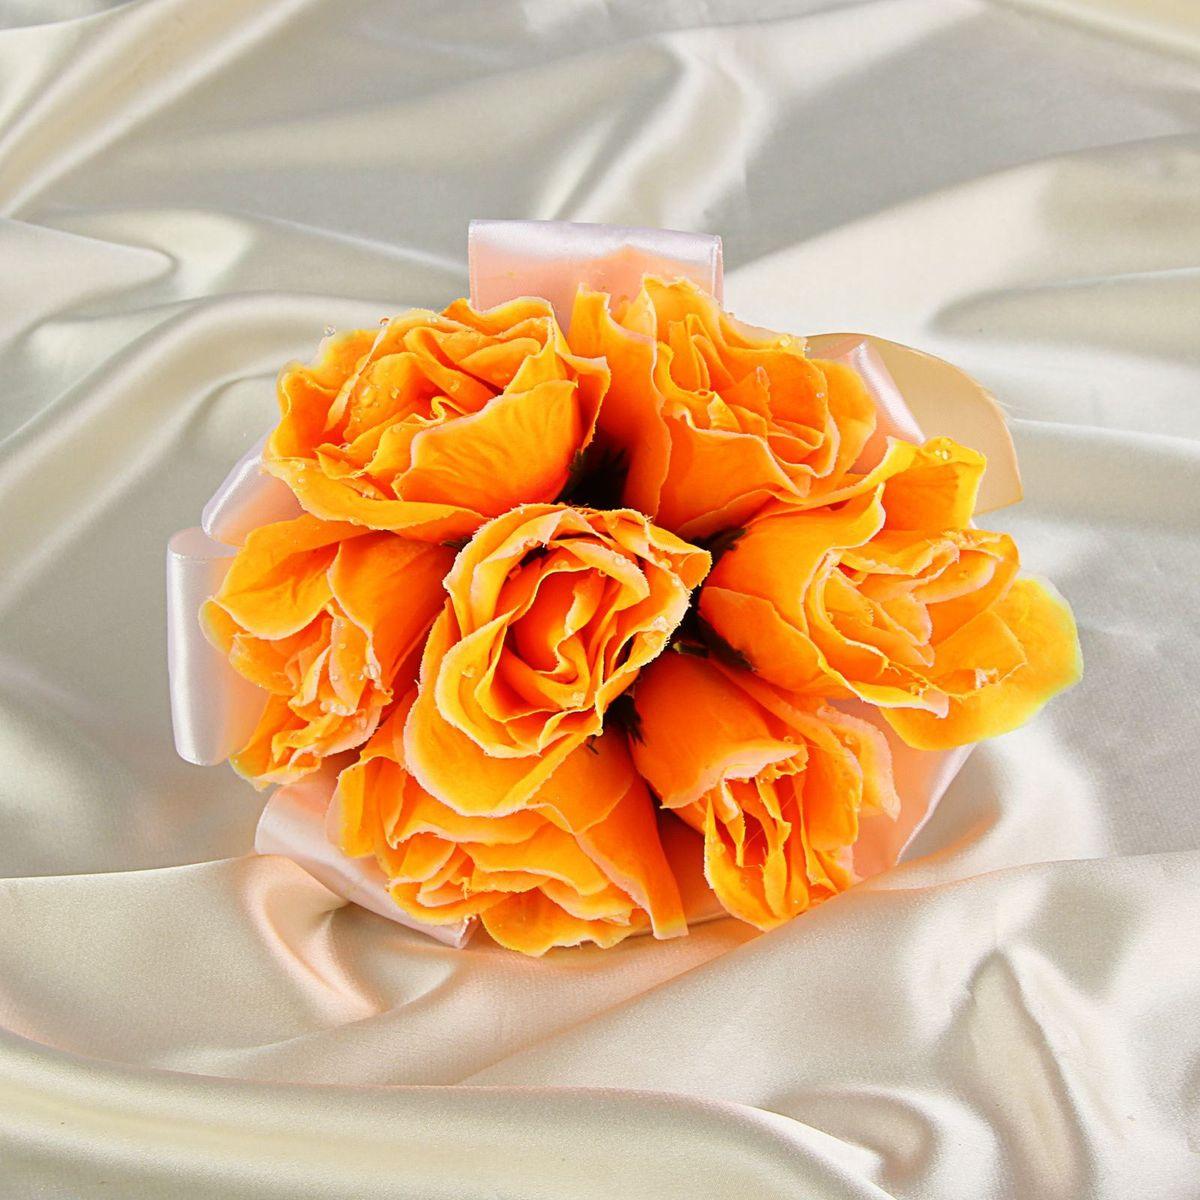 Sima-land Букет-дублер невесты, цвет: оранжевый. 1251174NLED-454-9W-BKСовременные невесты используют букеты из искусственных материалов, потому что они легче, дешевле и не рассыпаются в полете. Ведь для многих незамужних подружек поймать букет на свадьбе — шанс осуществления заветной мечты.Кроме свадебной тематики изделие используют для фотосессий, так как оно не утрачивает праздничный вид даже в непогоду, и как элемент украшения интерьера. Многие рестораны и отели на выставках и праздниках предпочитают использовать украшения из неувядающих цветов. Оригинальный букет будет в центре внимания на торжественном событии и оставит самые яркие впечатления.